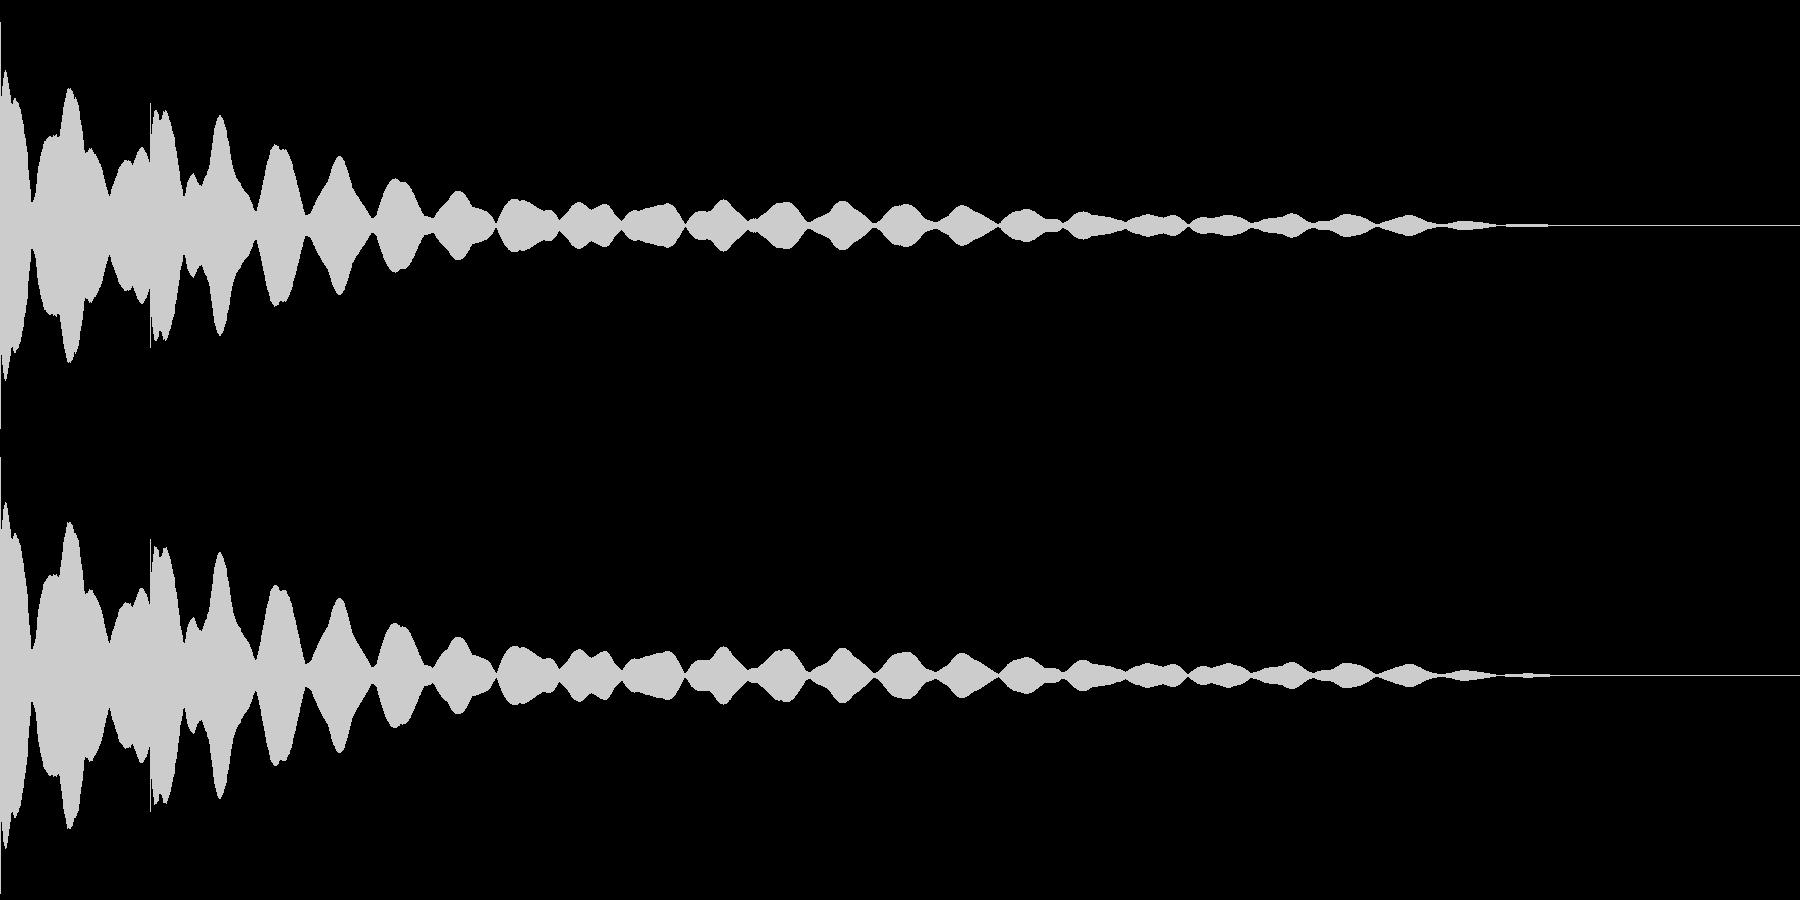 チーンチーン 仏壇の鐘の音2の未再生の波形